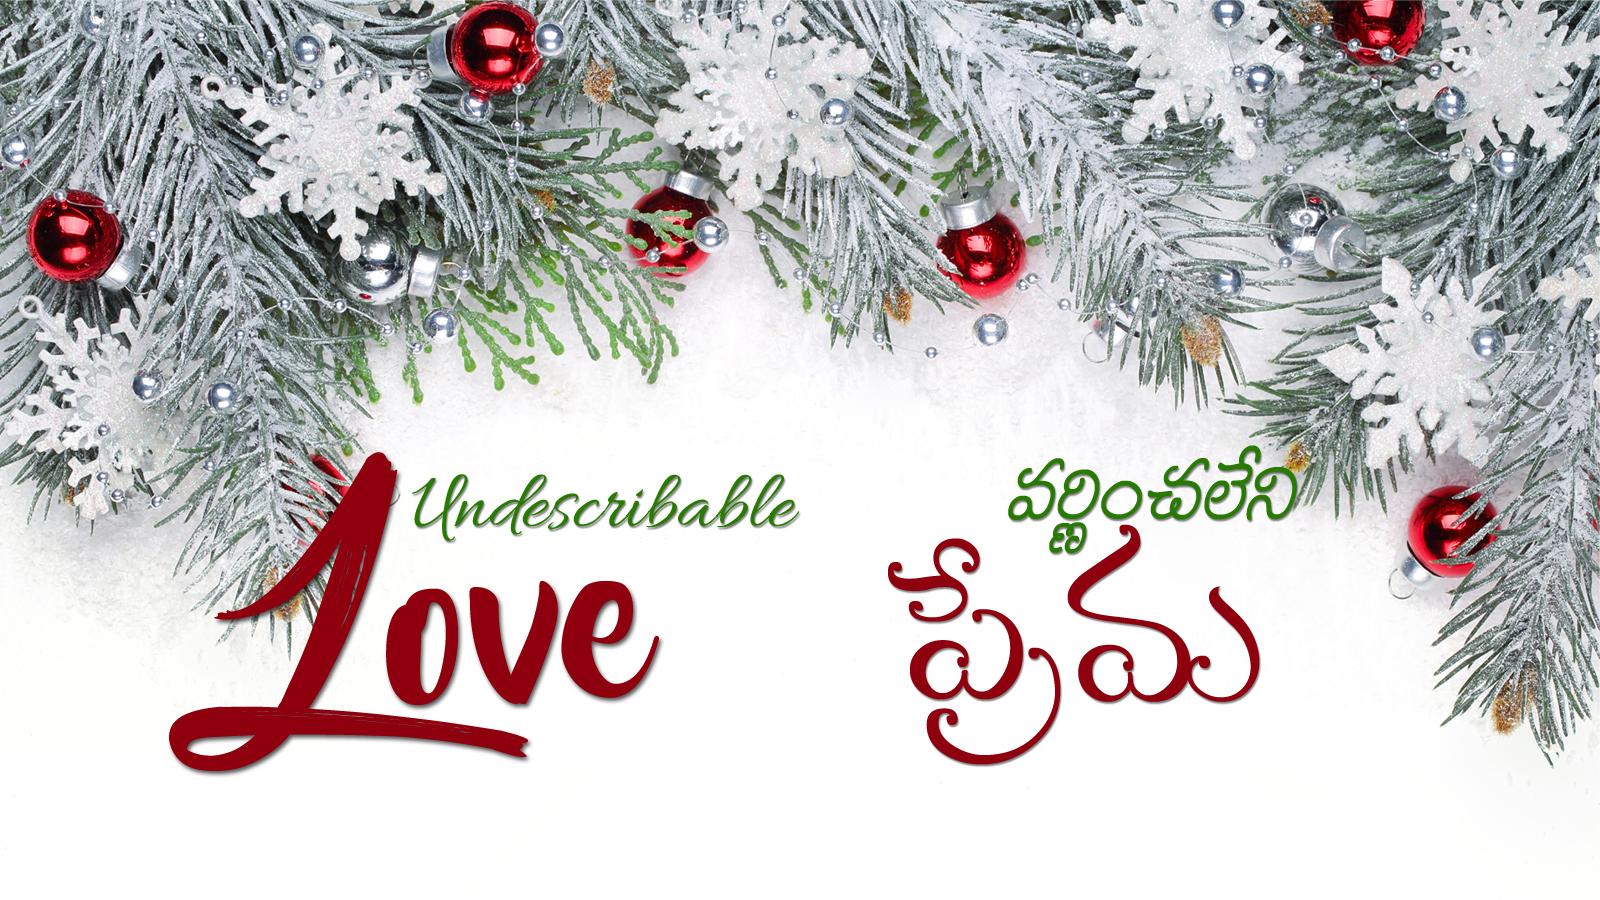 Undescribable Love (A283)